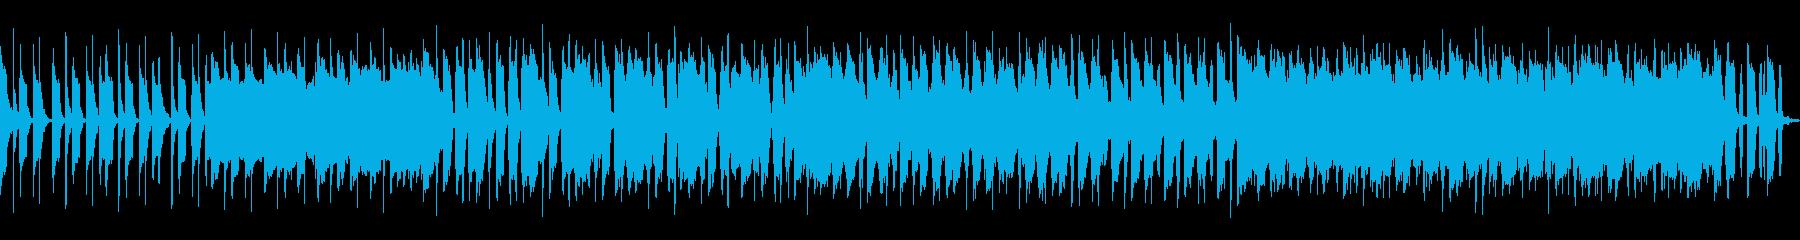 ドラム、ギターのエッジが効いたロックな曲の再生済みの波形